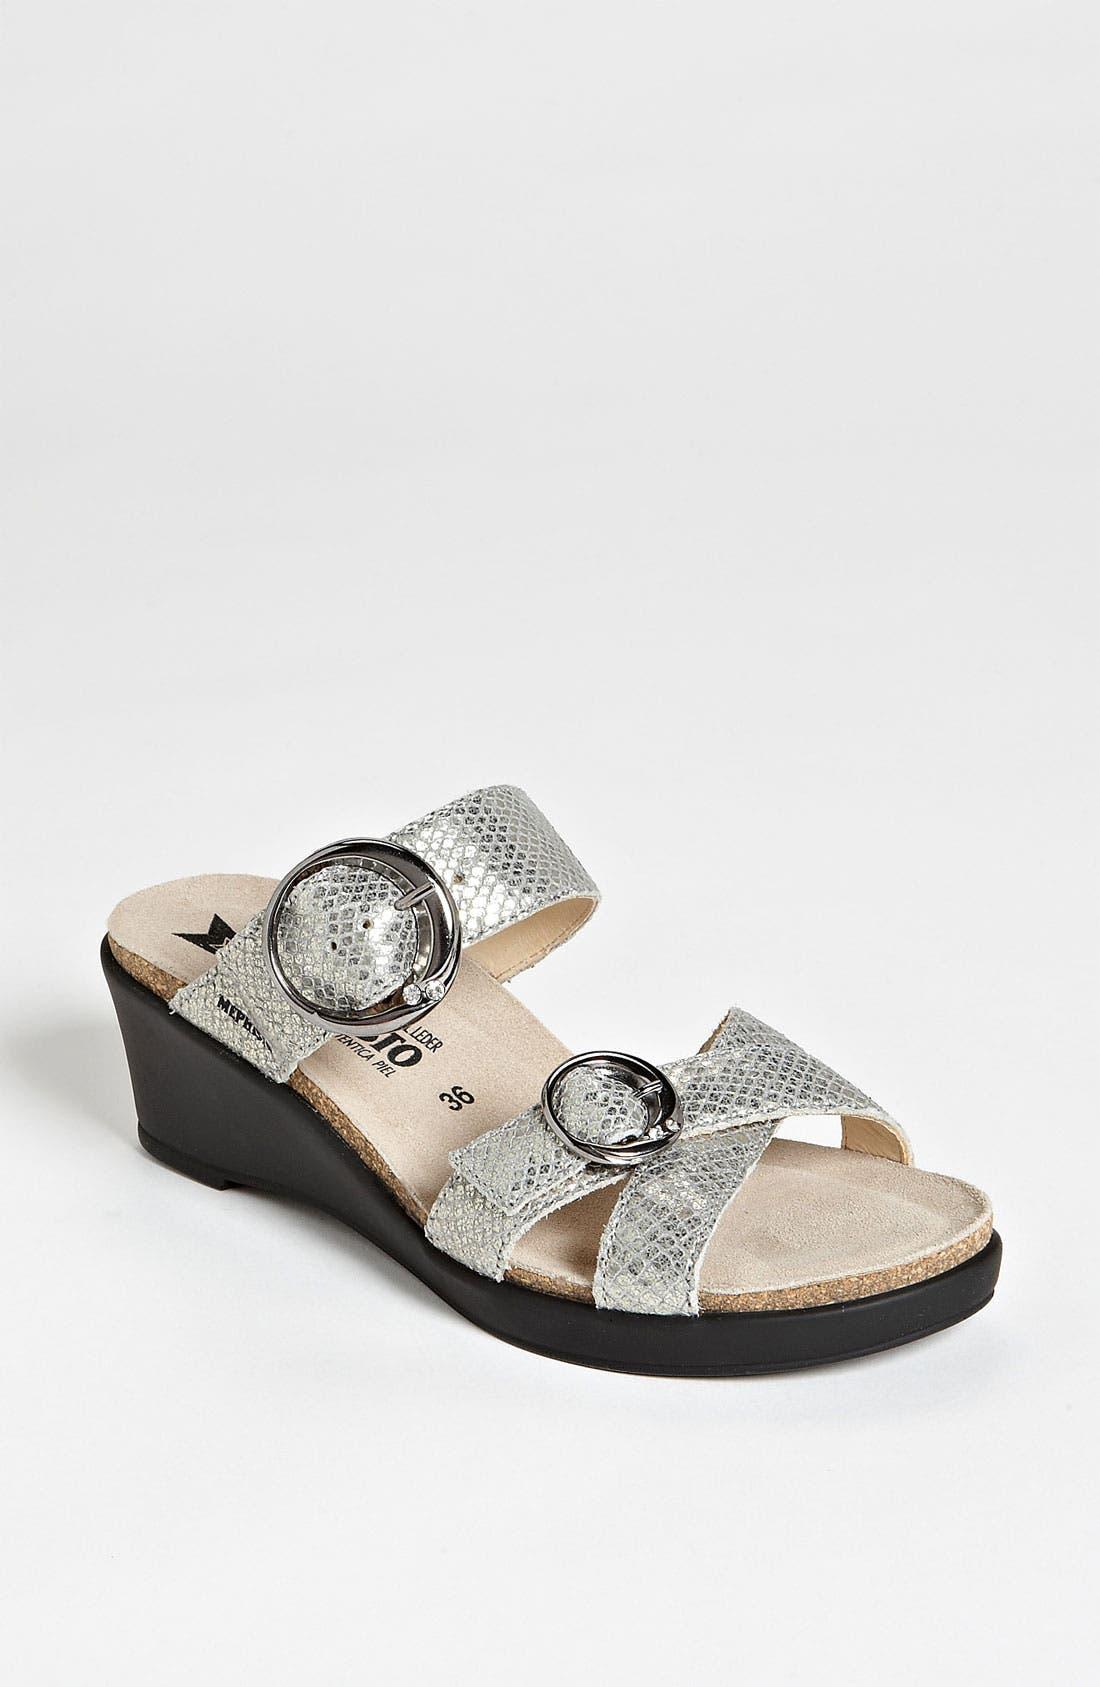 Main Image - Mephisto 'Nuta' Sandal